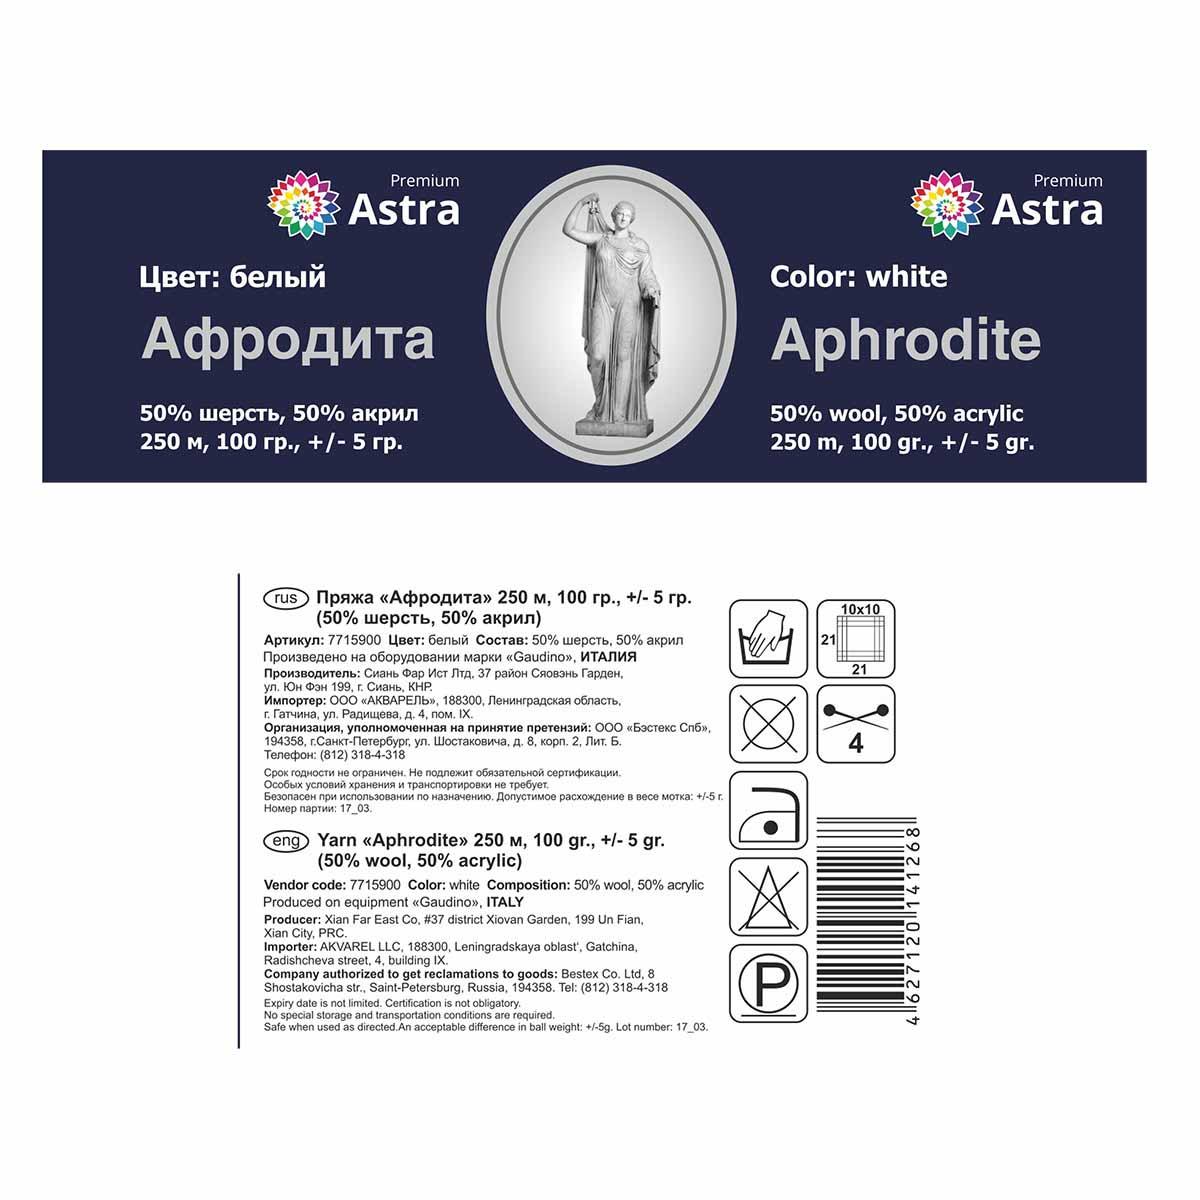 Пряжа Astra Premium 'Афродита' 100гр. 250м (50% шерсть, 50% акрил)